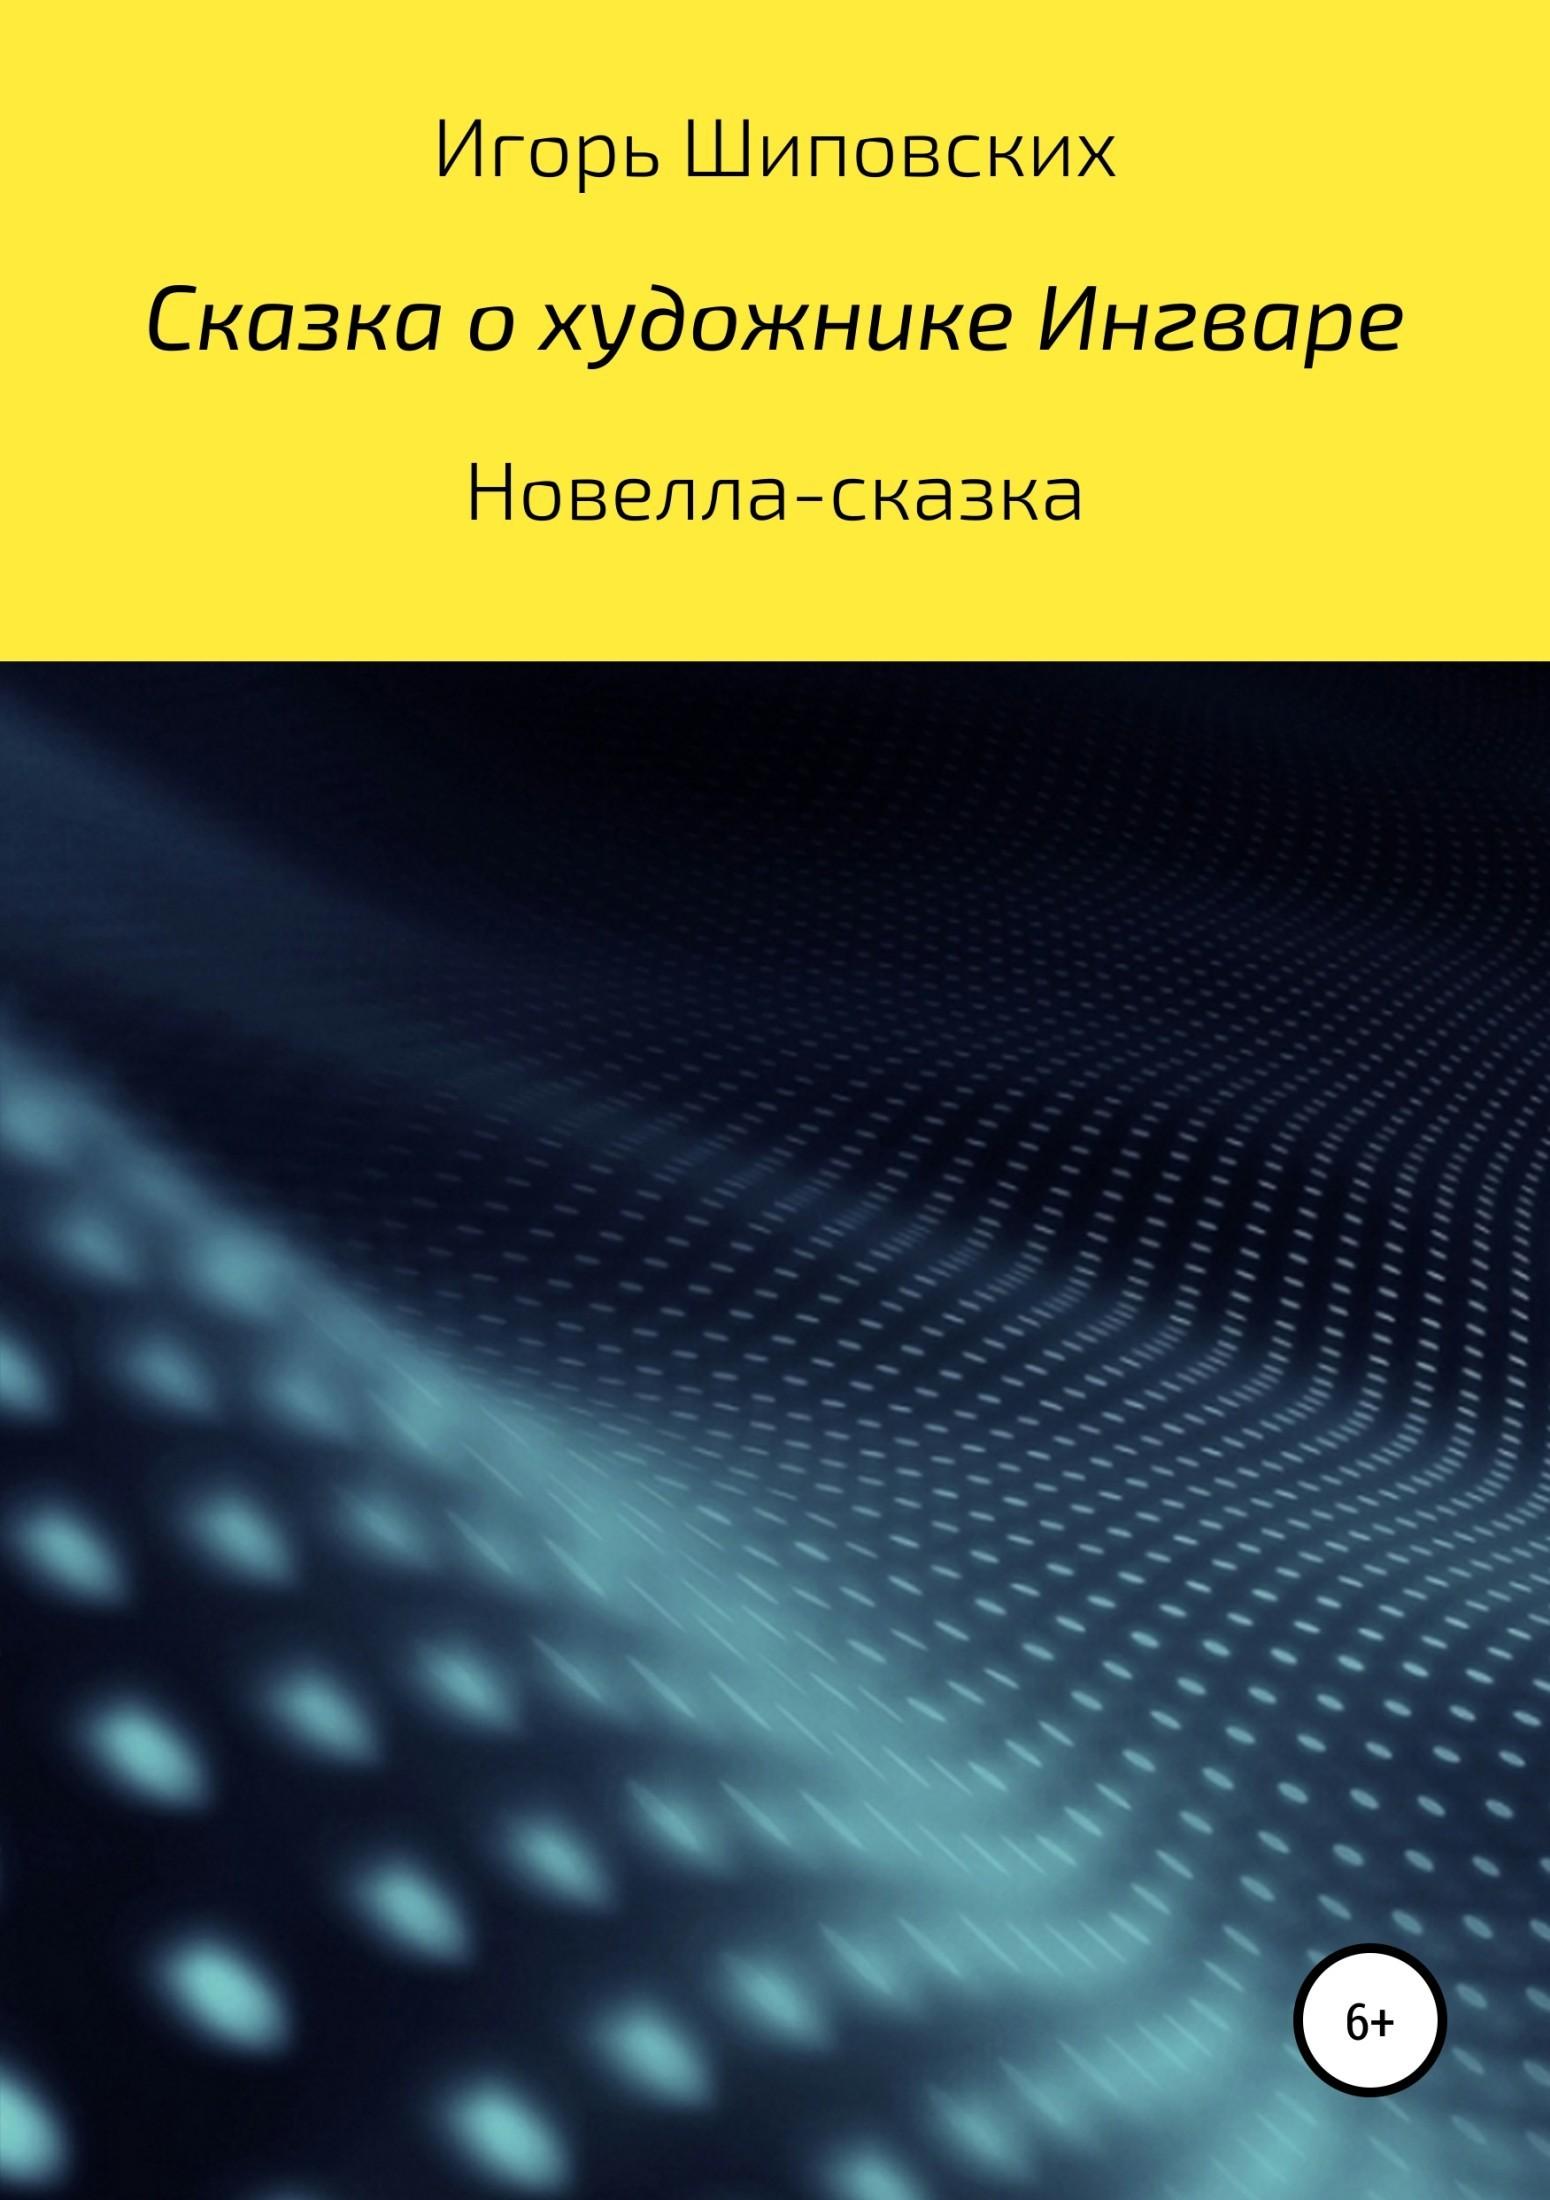 Игорь Шиповских - Сказка о художнике Ингваре